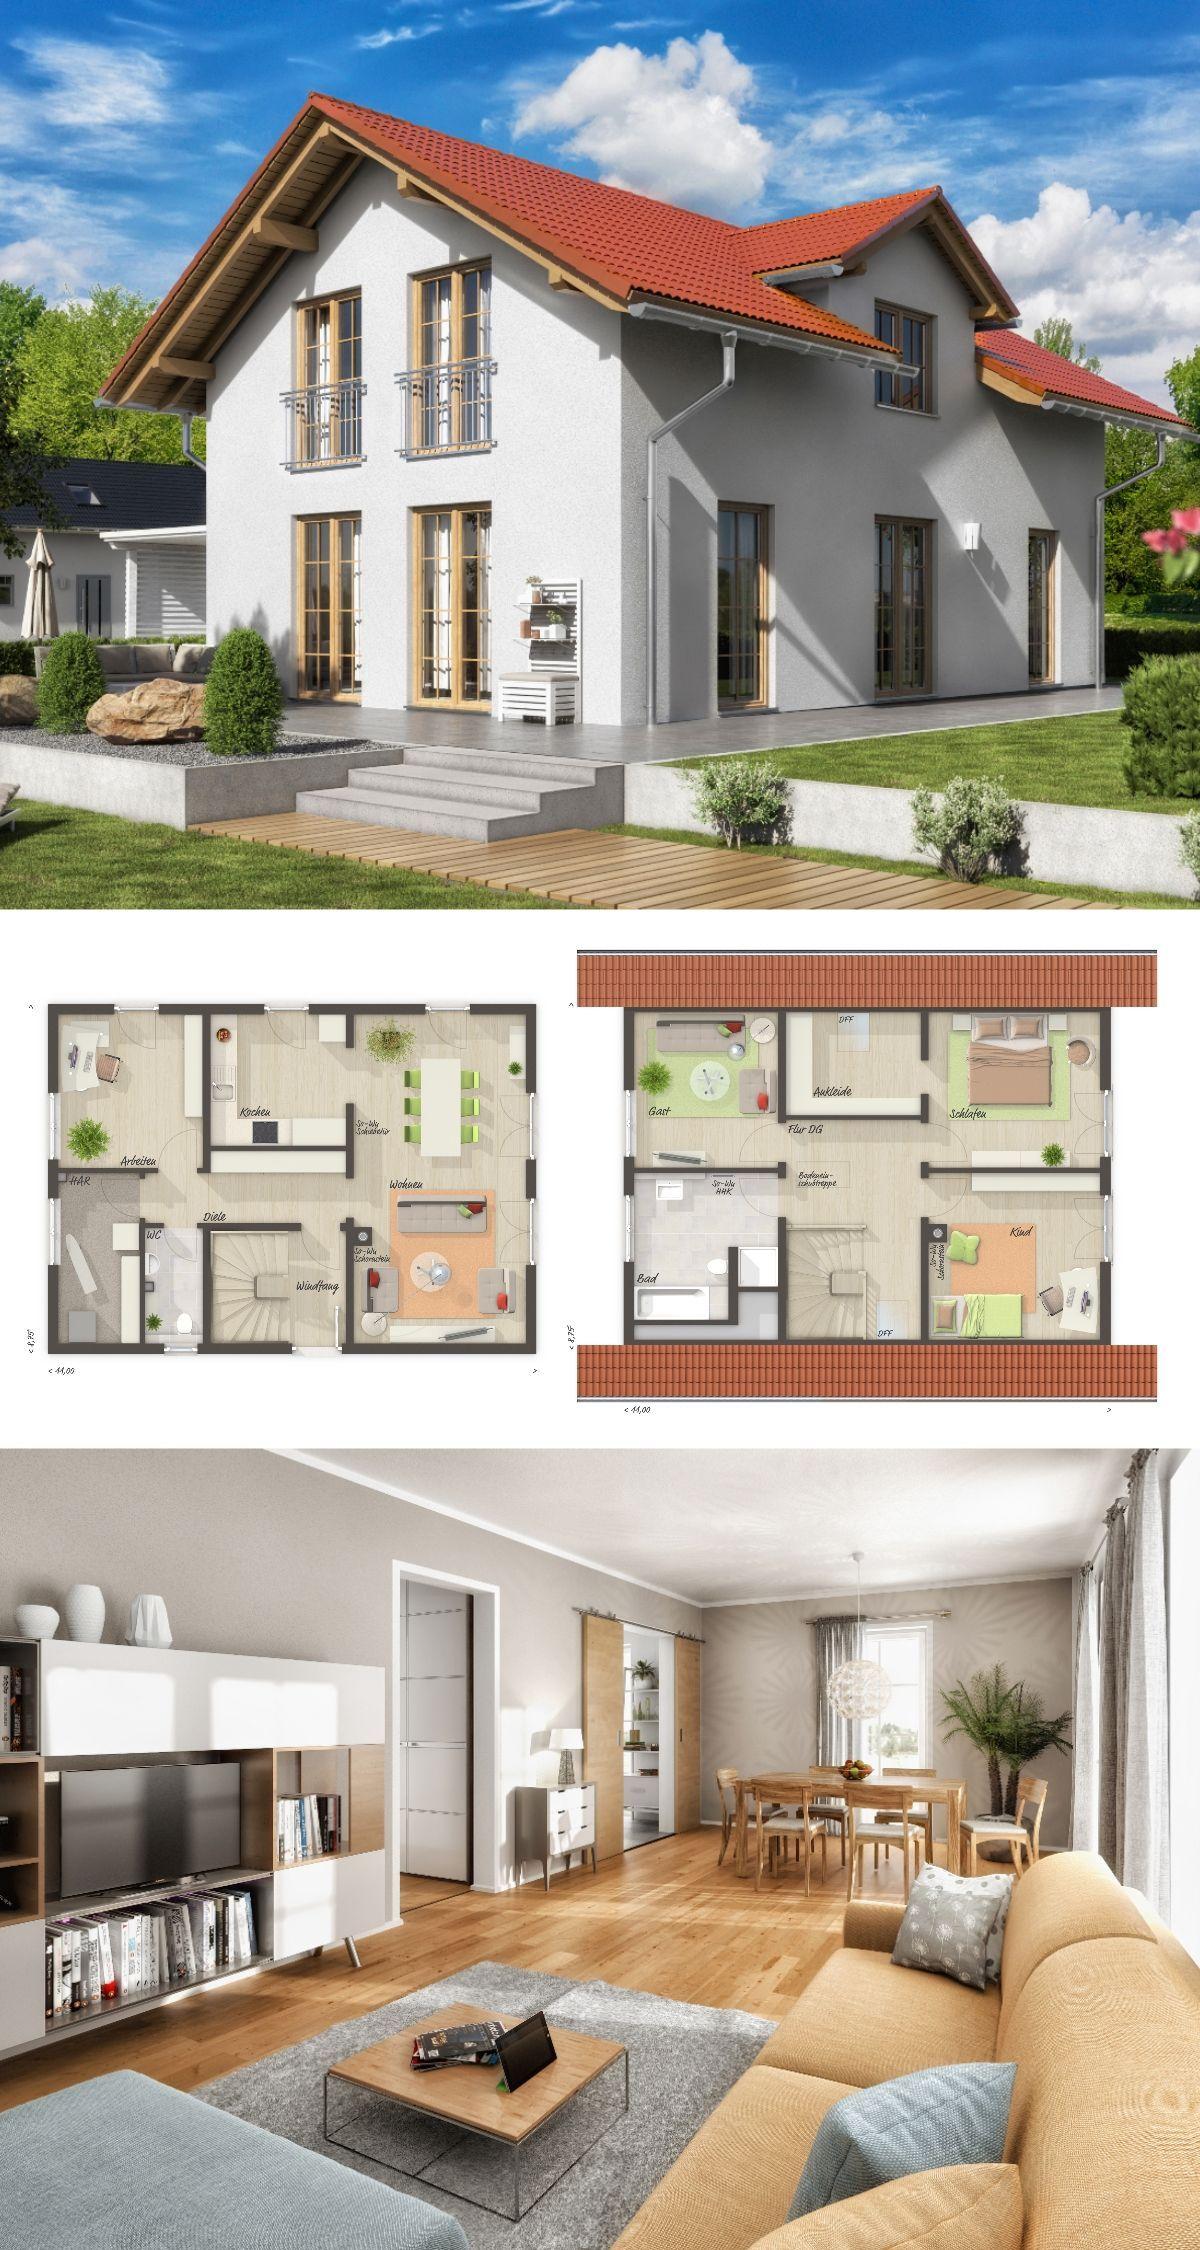 Modernes alpenstil haus grundriss mit satteldach for Modernes einfamilienhaus grundriss